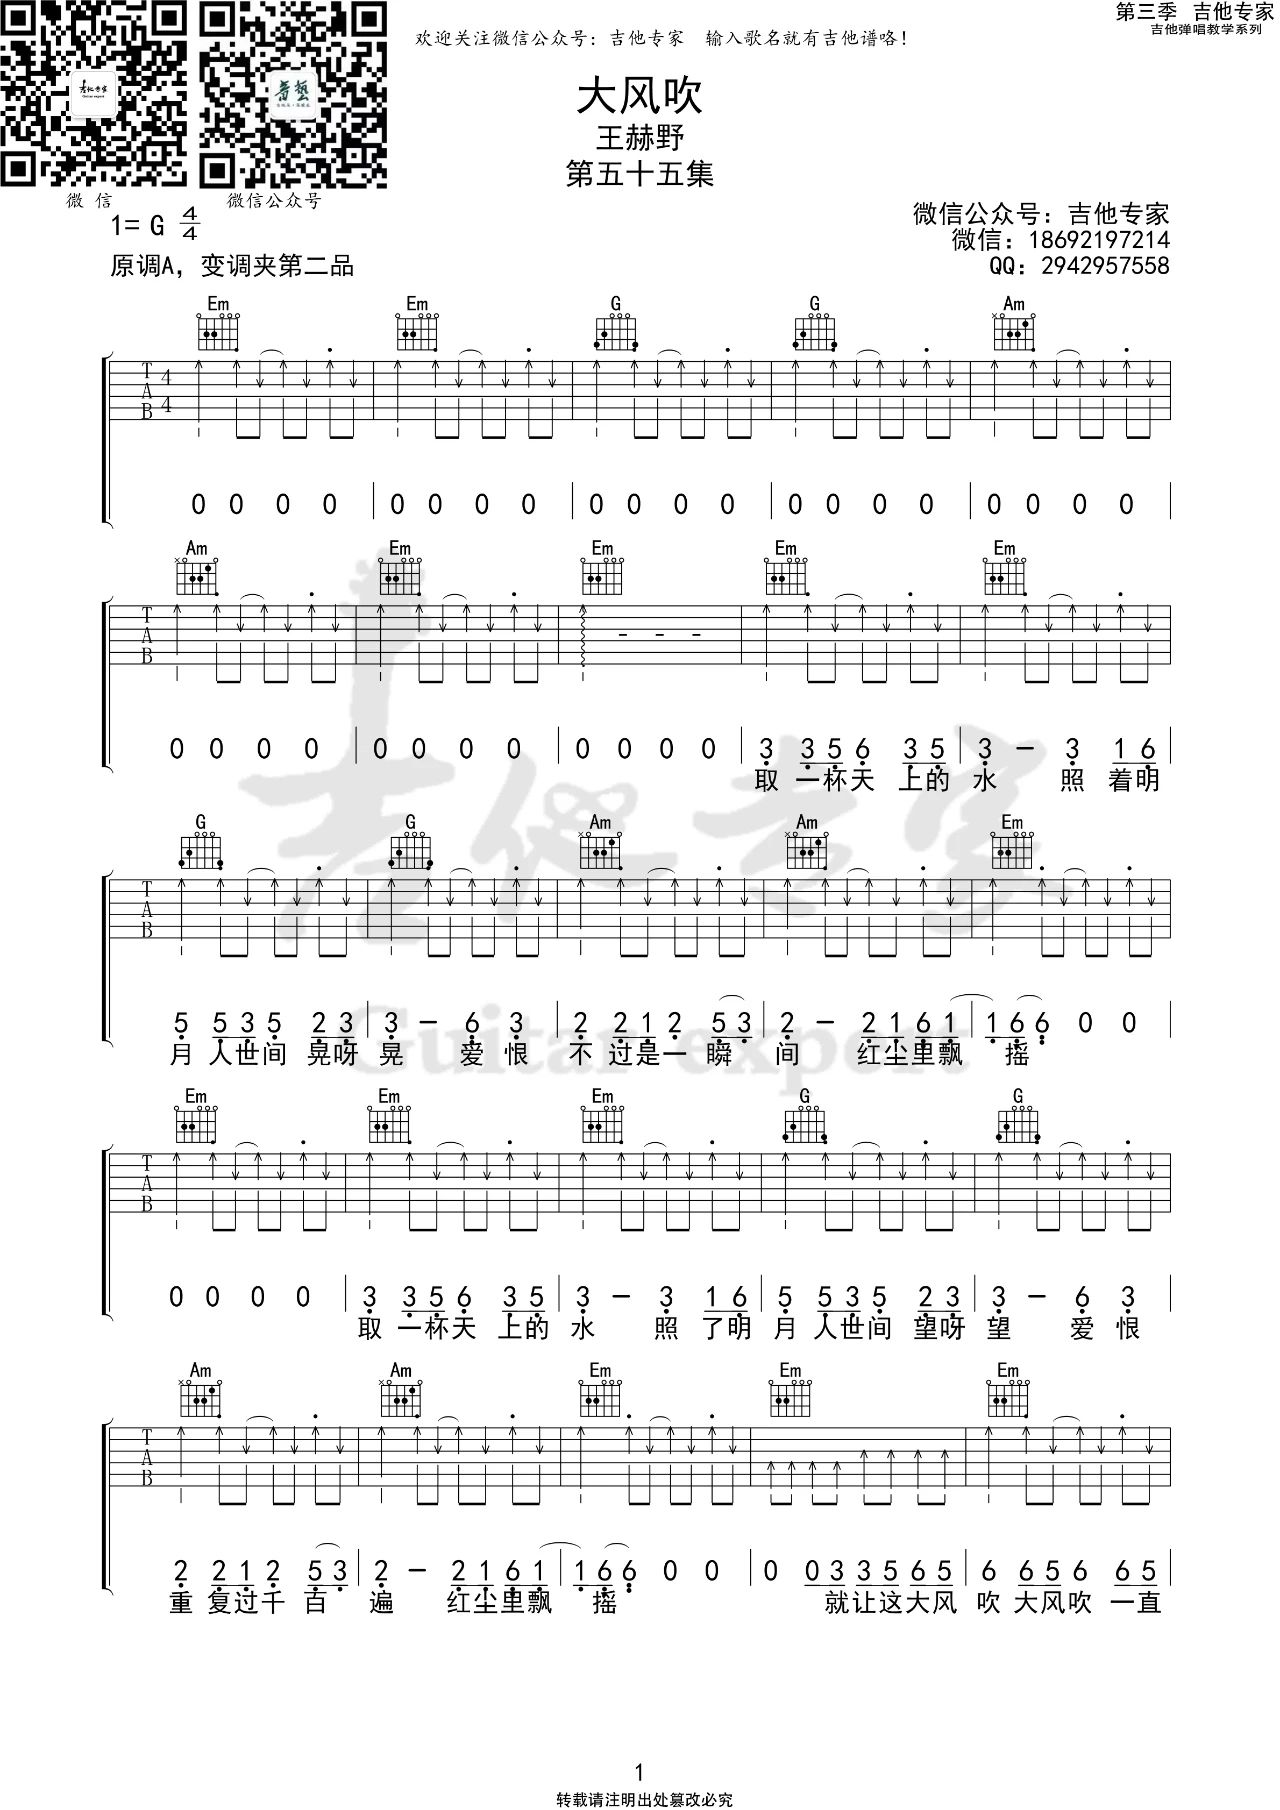 吉他派《大风吹》吉他谱-1